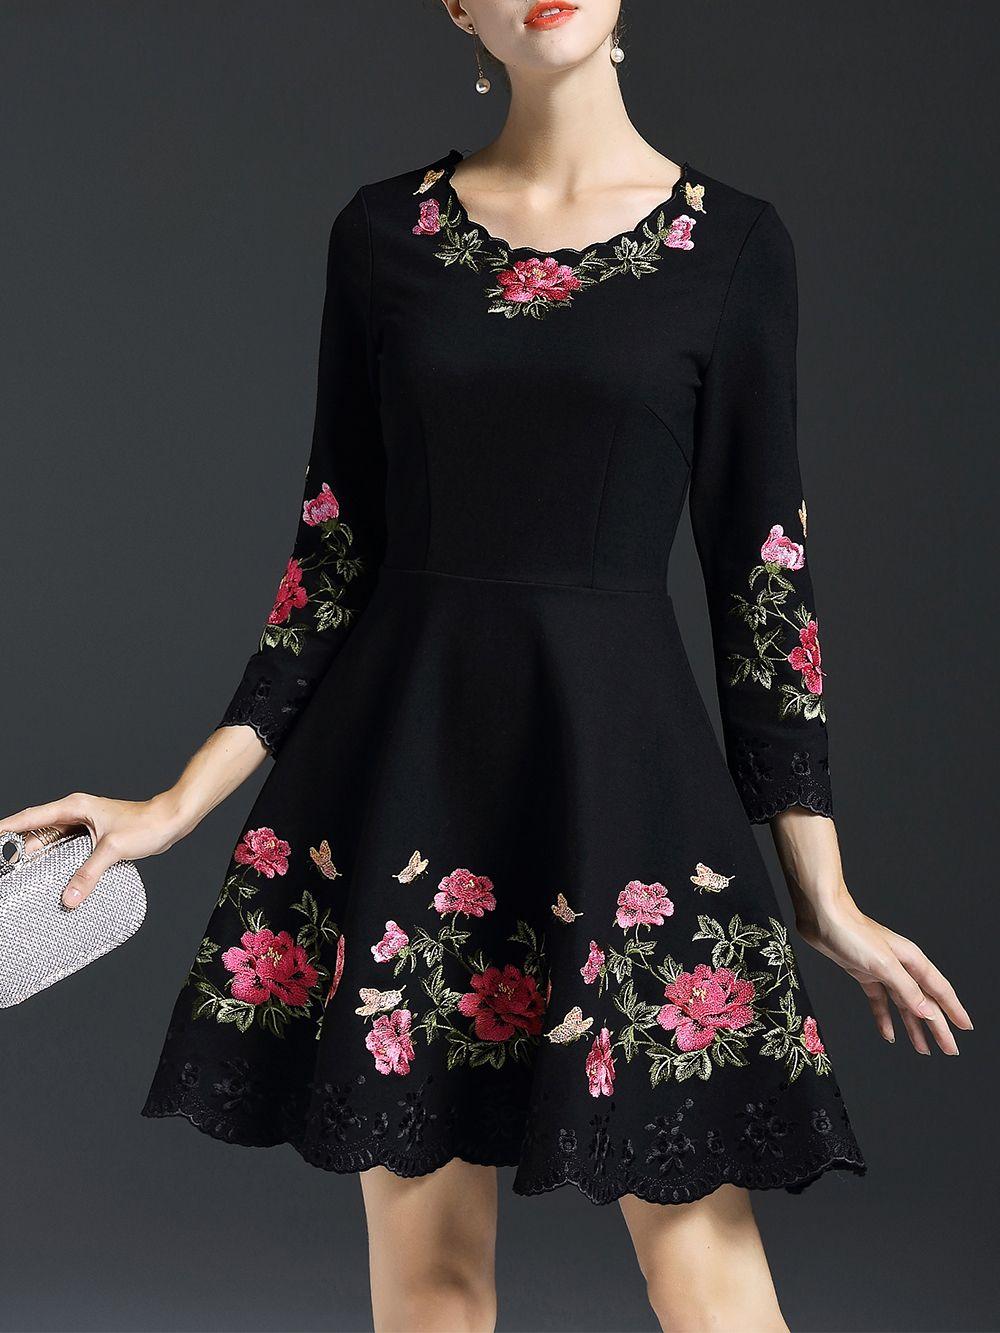 Vestido Con Bordado Floral Negro Spanish Shein